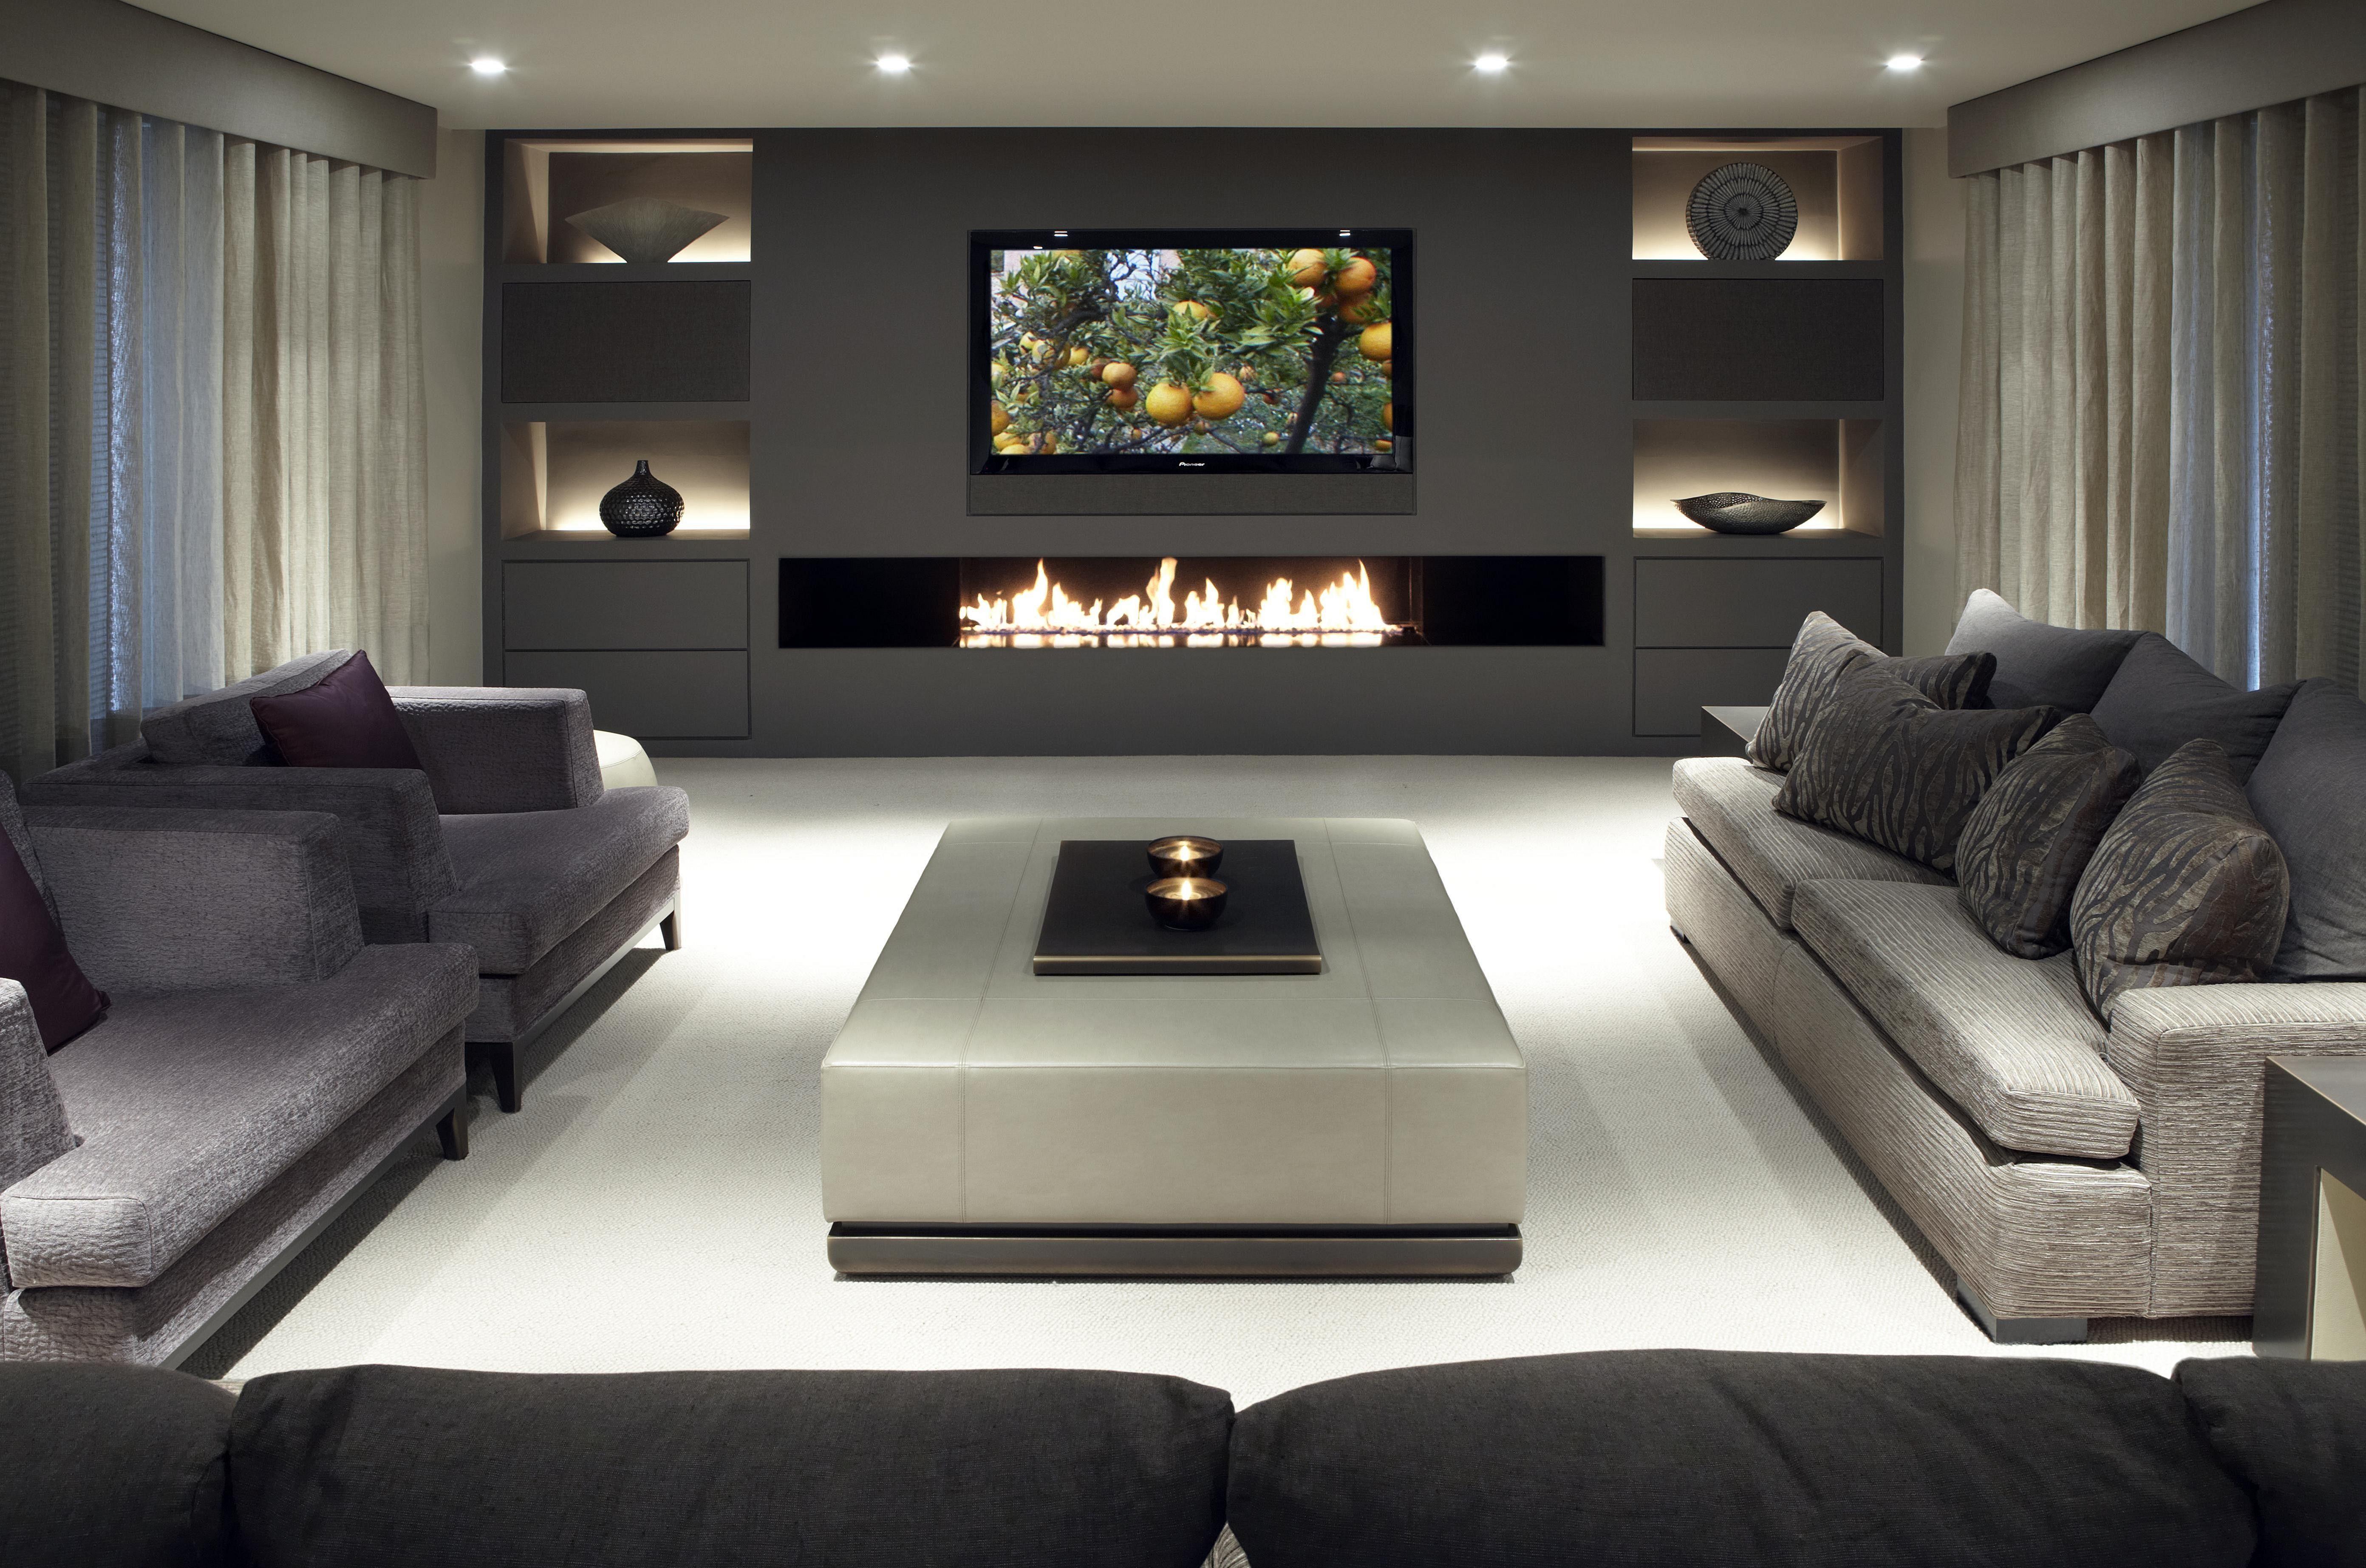 12 Extraordinary Wall Tv Design Ideas For Cozy Living